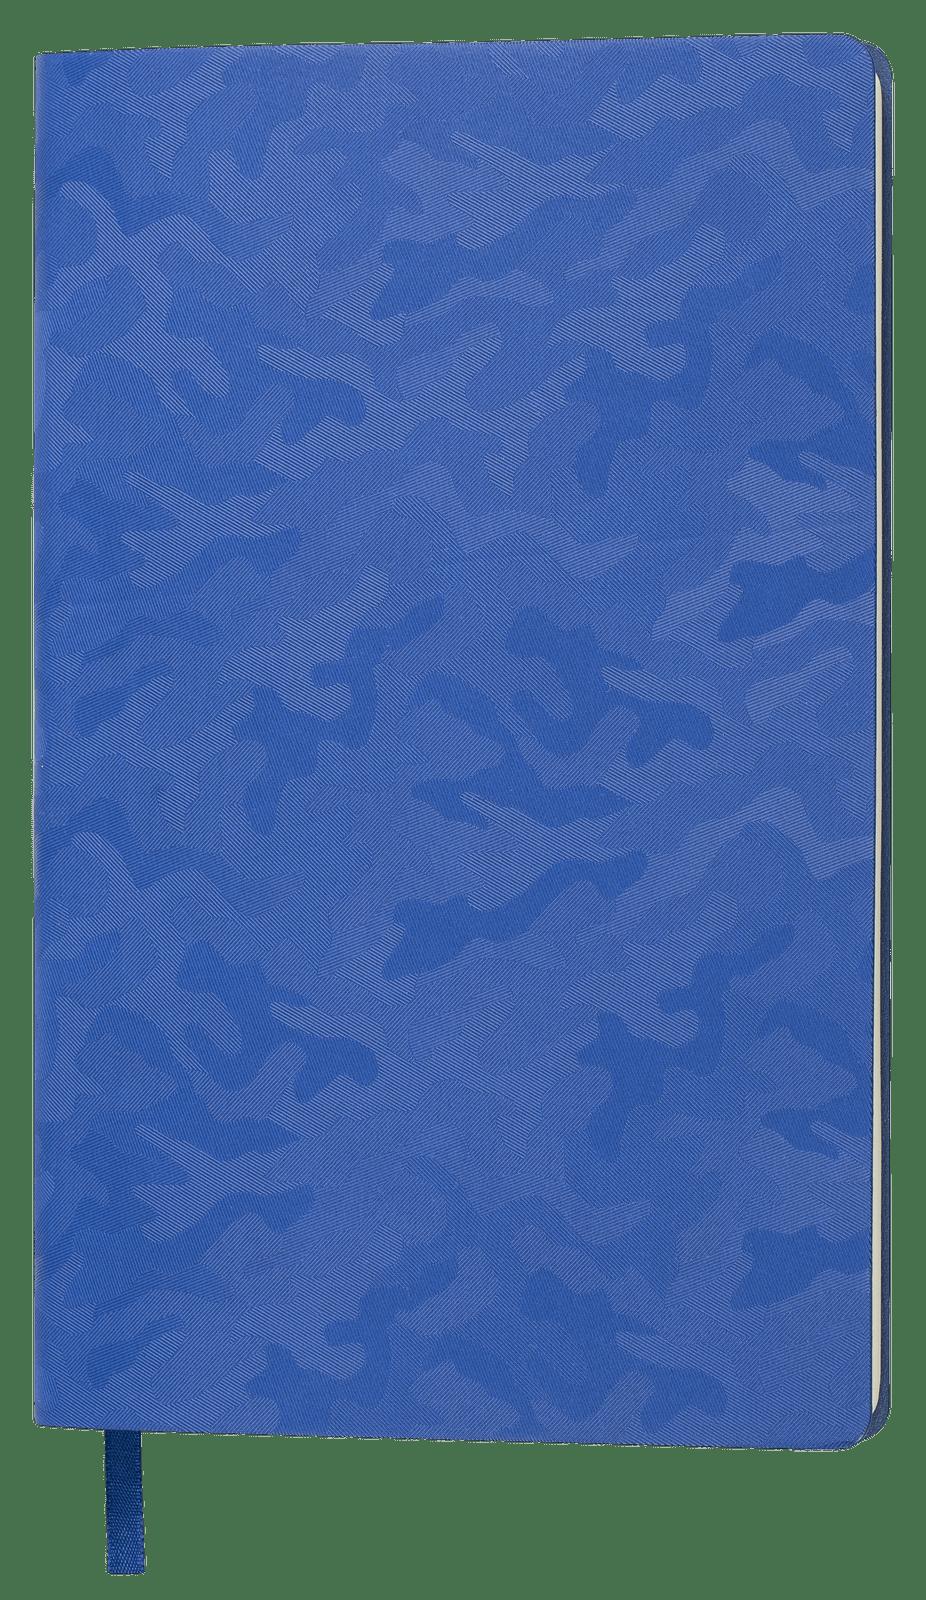 TM21225_25 - Tabby Funky azul royal